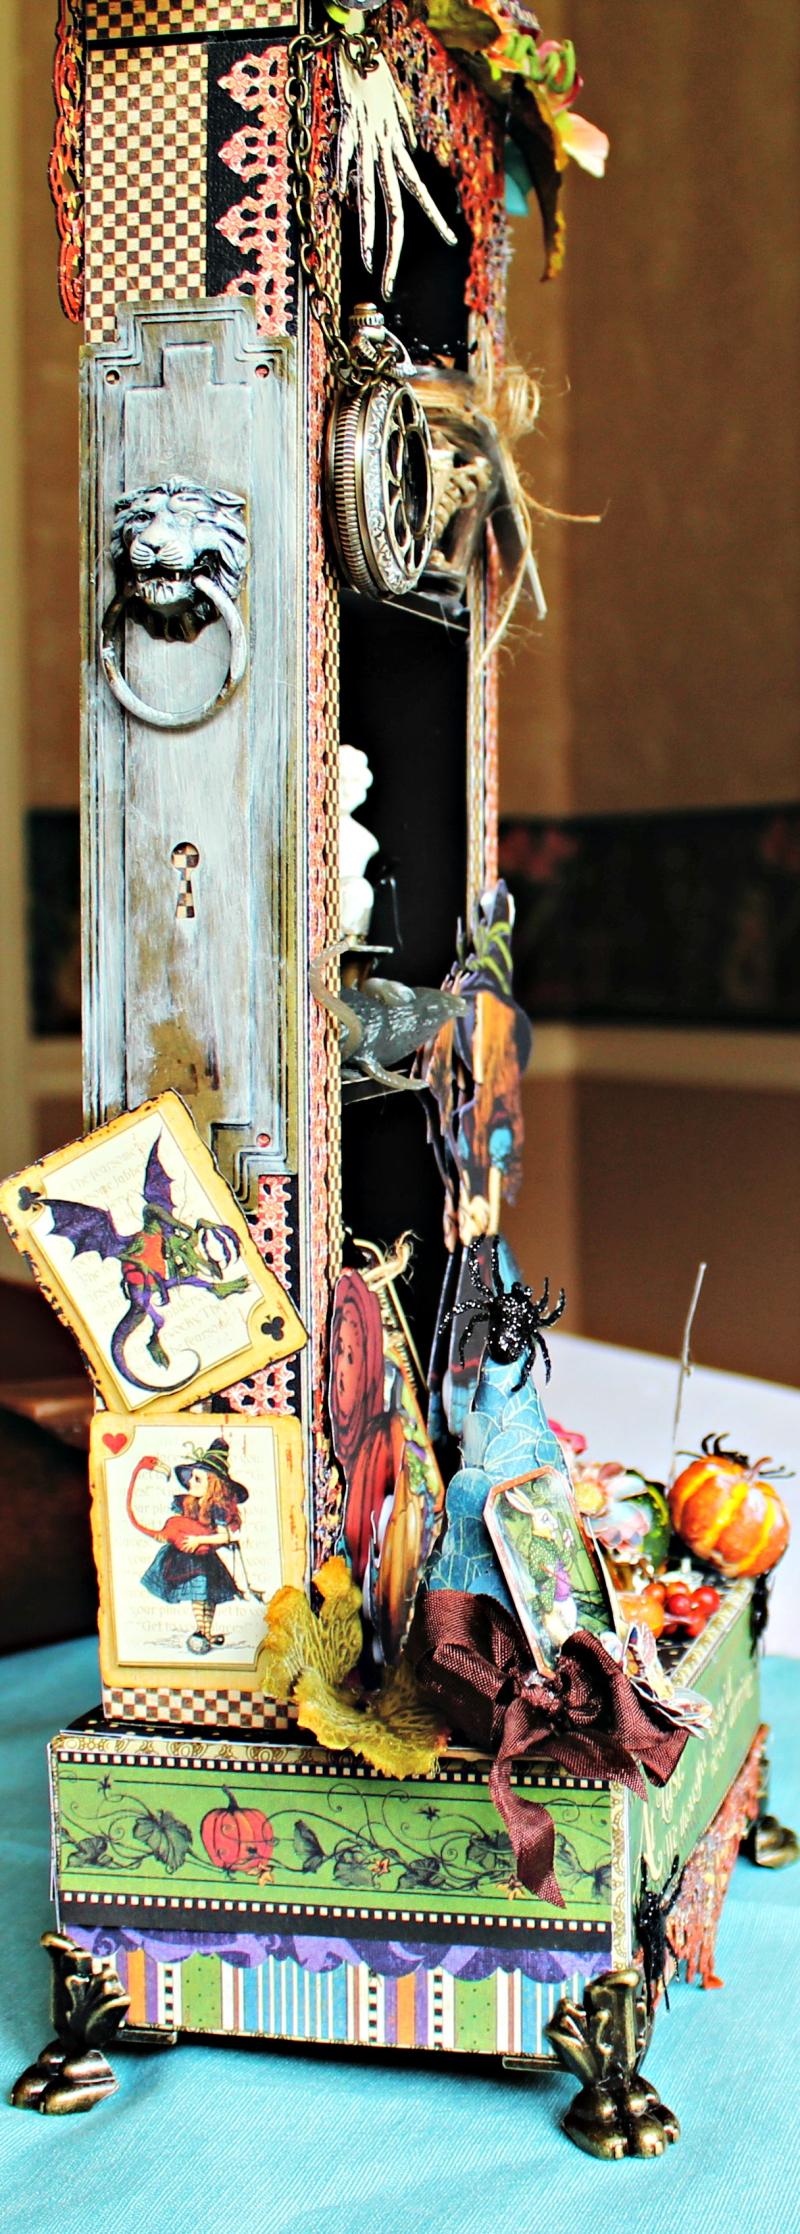 Graphic 45 - Halloween in Wonderland -Tutorial - Pam Bray 3_0998